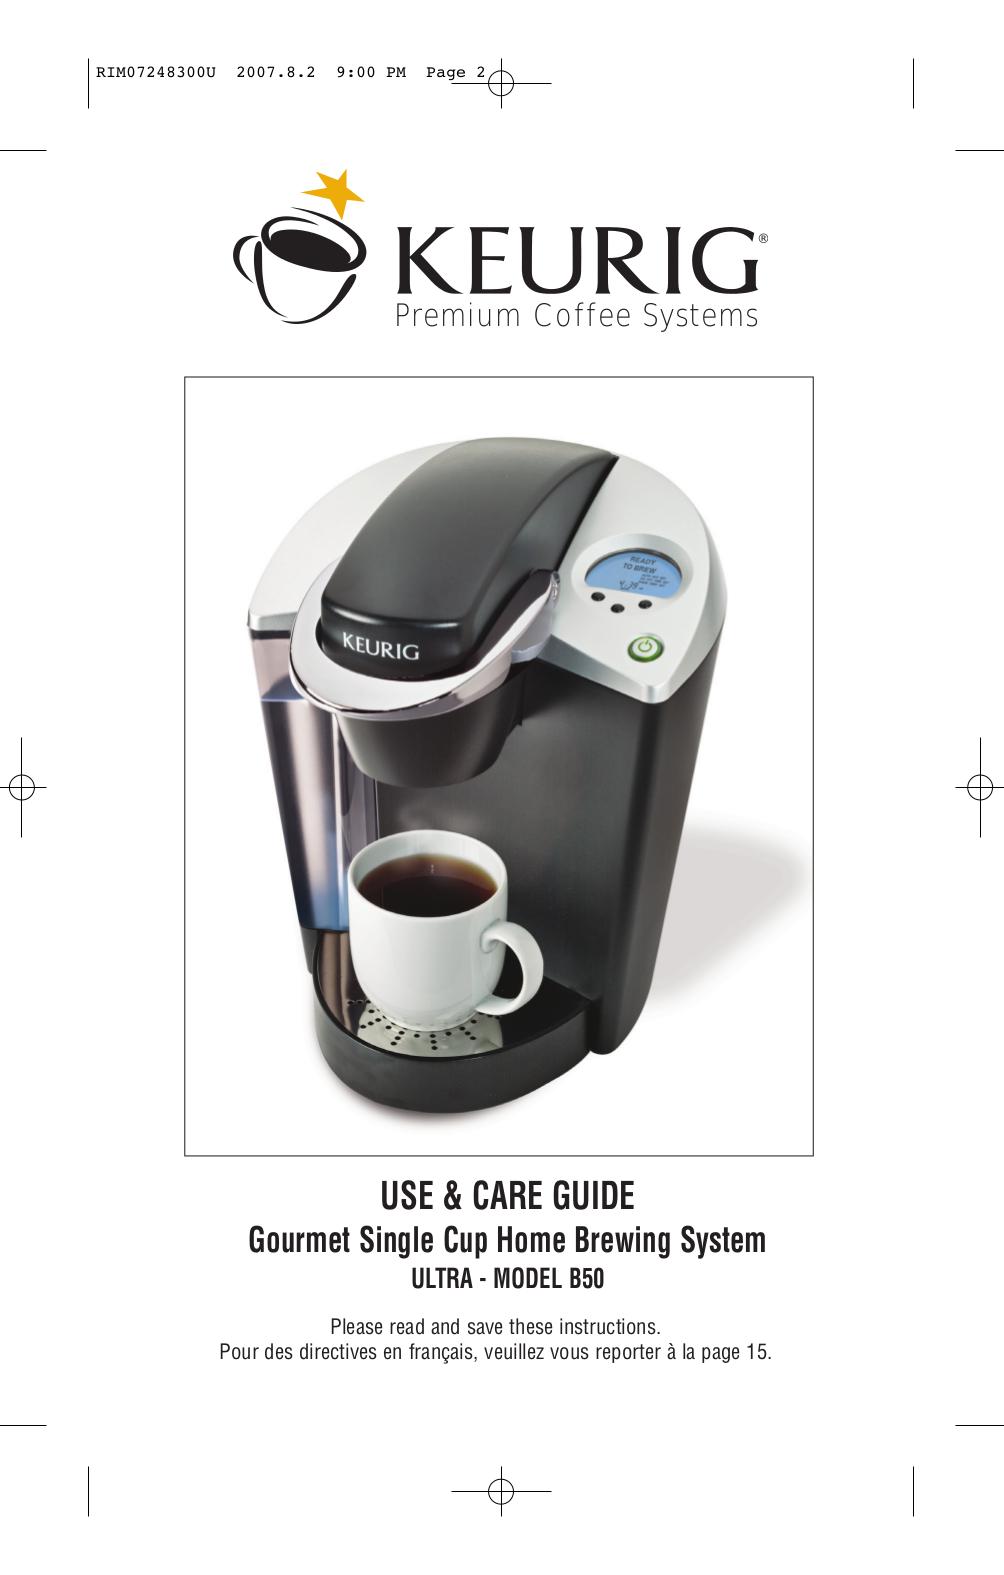 pdf manual for keurig coffee maker b50 rh umlib com Keurig B30 Keurig B70